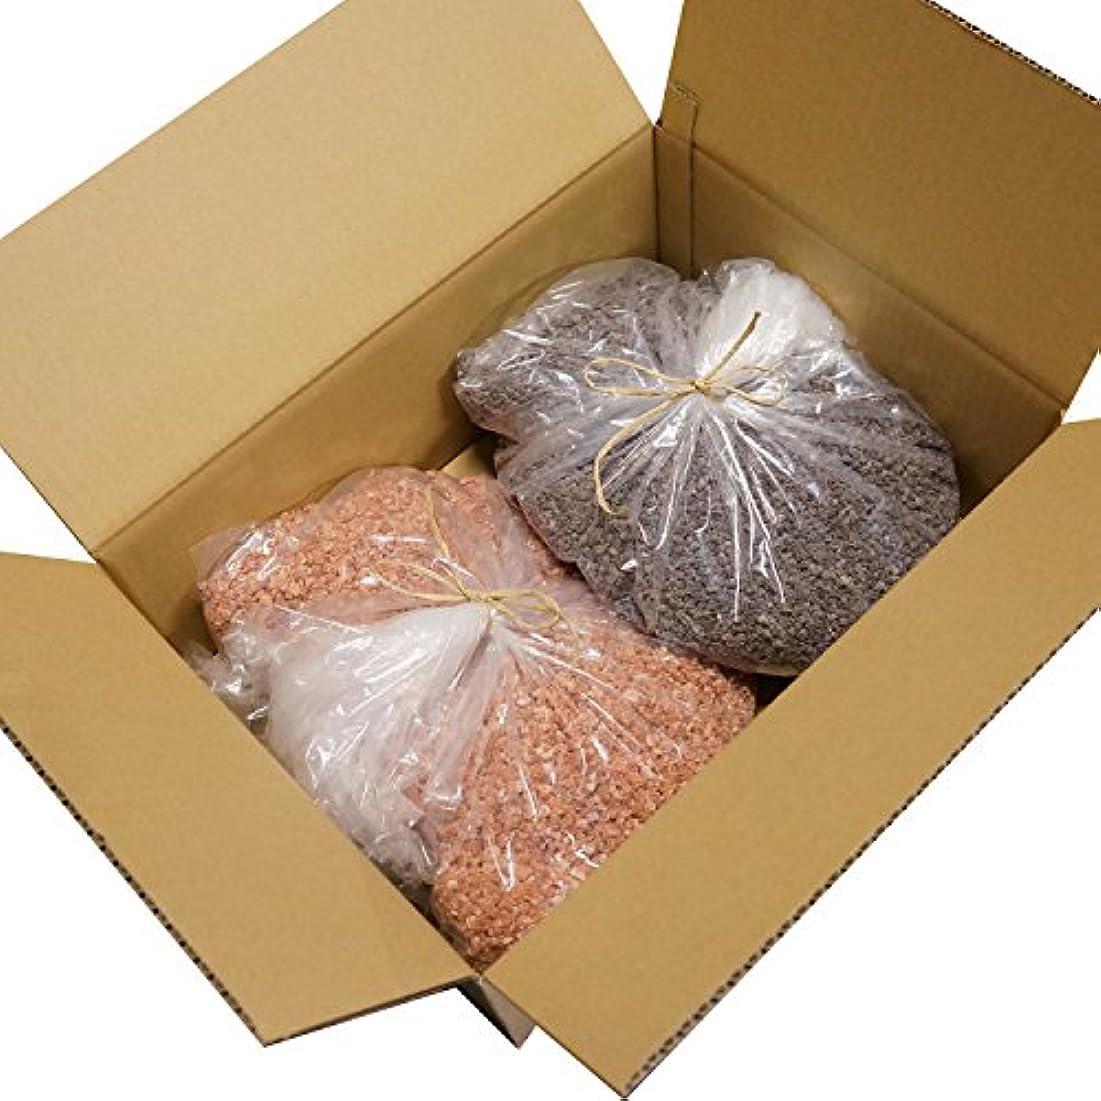 思想実行調整するヒマラヤ岩塩 ピンク ブラック グレイン 各 10,000g 20kg 粗粒 ミル 原料